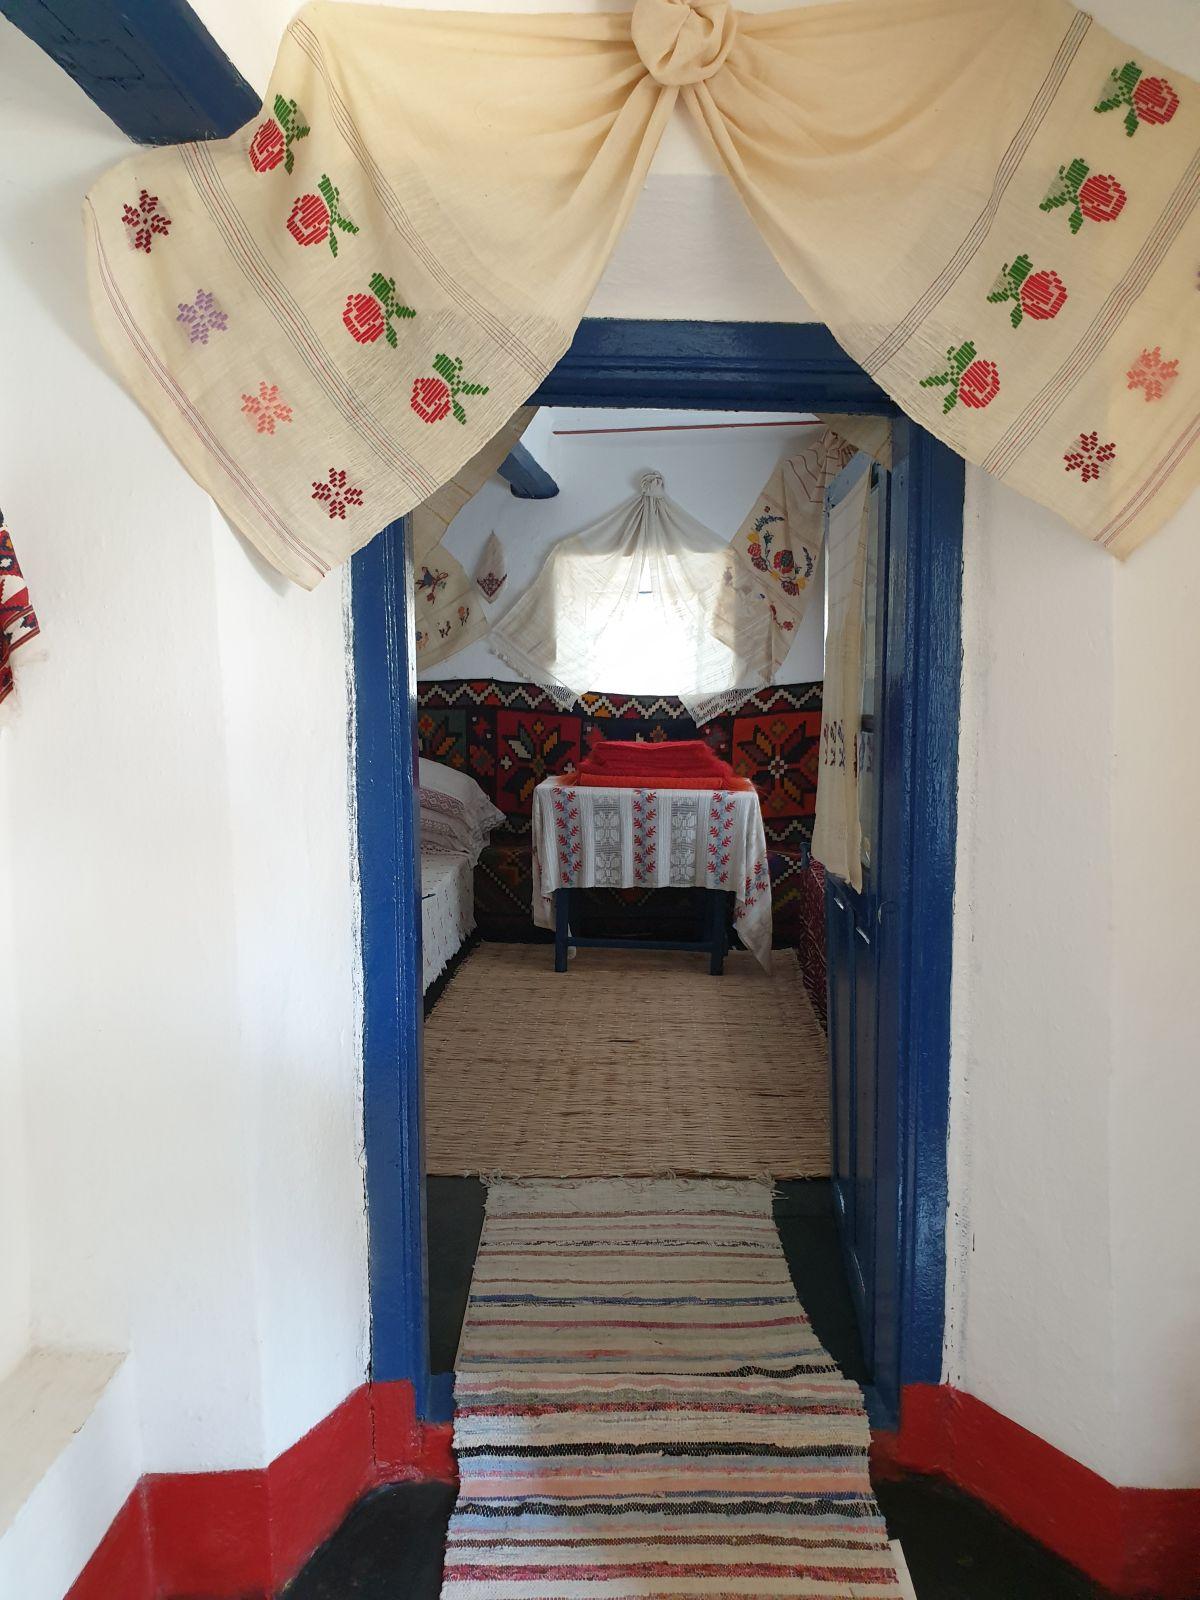 adelaparvu.com despre casa traditionala Enisala, Muzeu Enisala, Foto Adela Parvu (13)